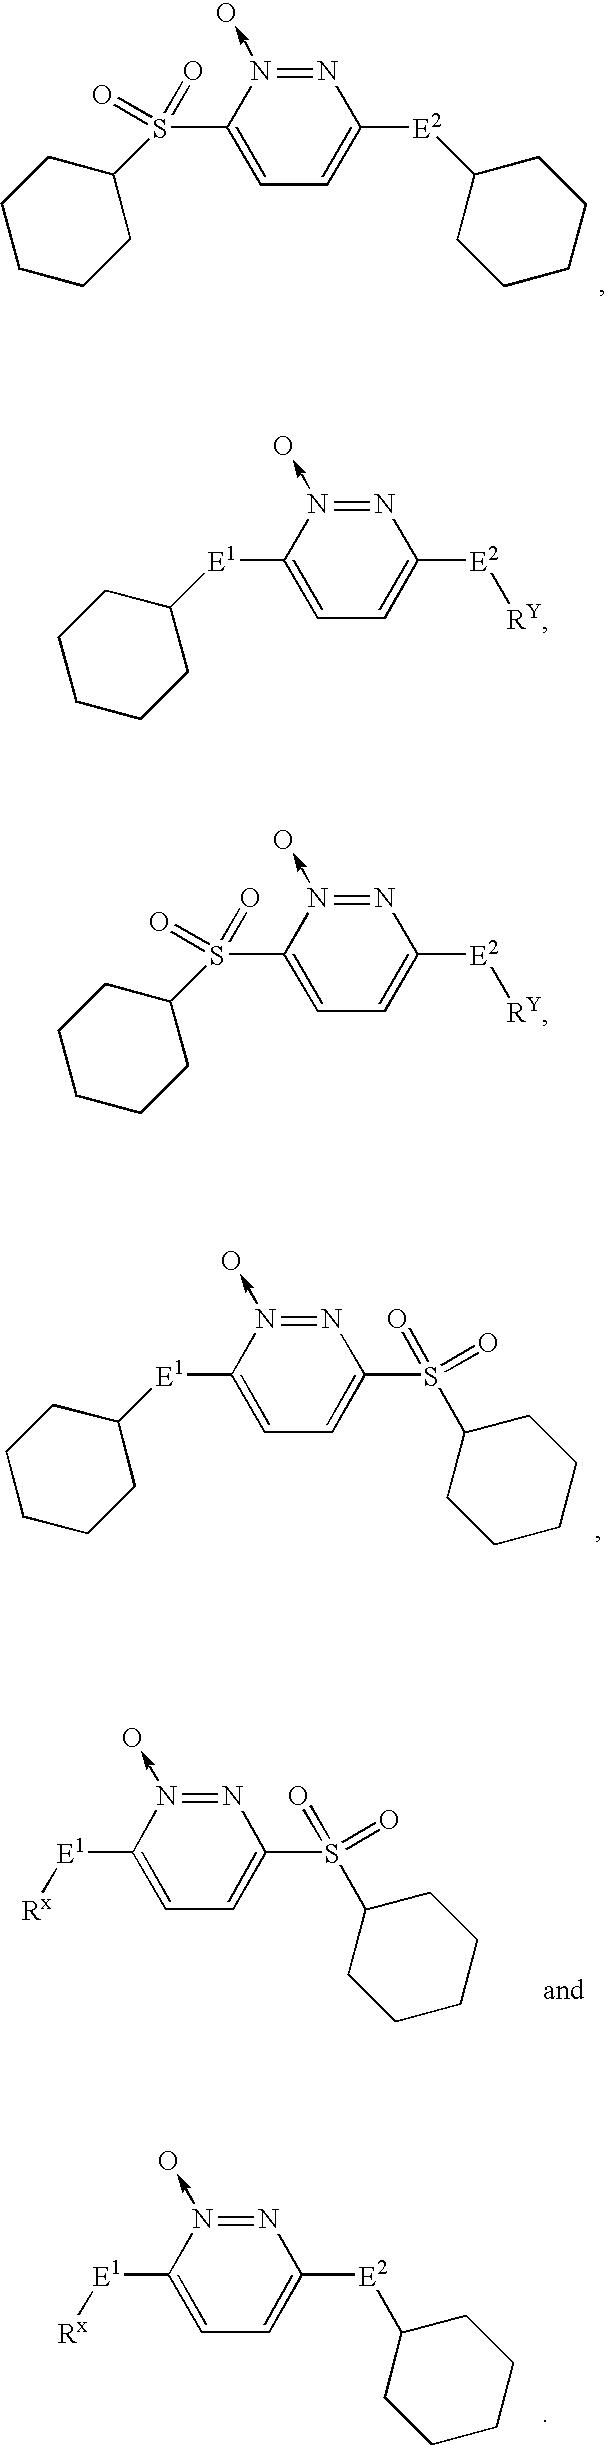 Figure US20040242886A1-20041202-C00135